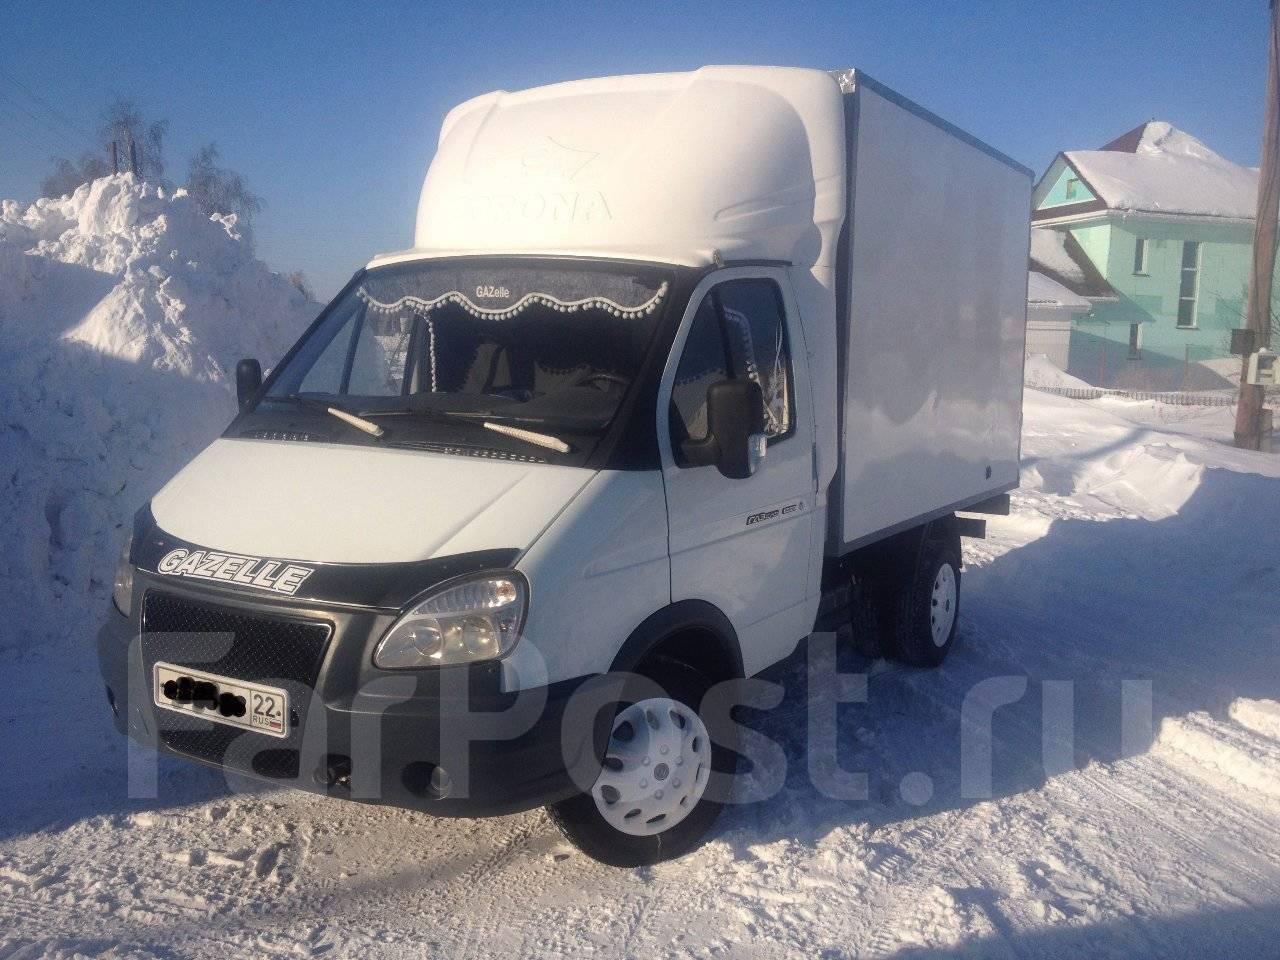 Куплю машину газель 322132 город иркутск объявления за февраль авито выкса объявления от частных лиц